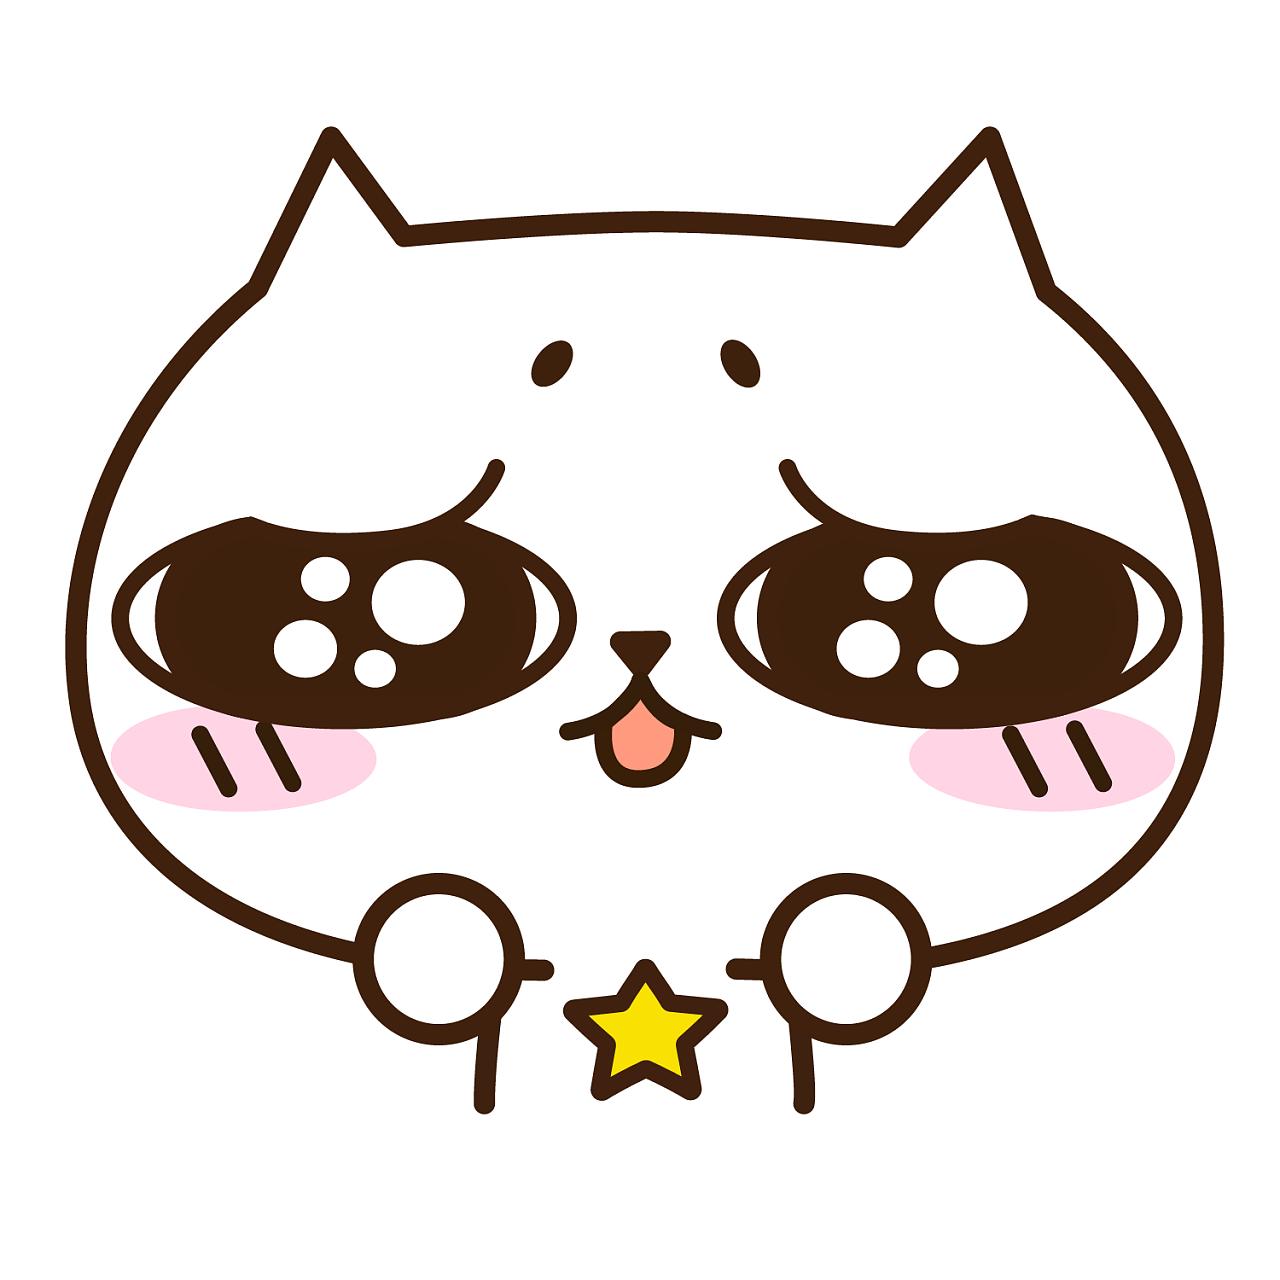 猫星星插画|概念|表情设定|猫表情101-原创作品-站酷(ZCOOL)星星包摸摸头安慰的图片